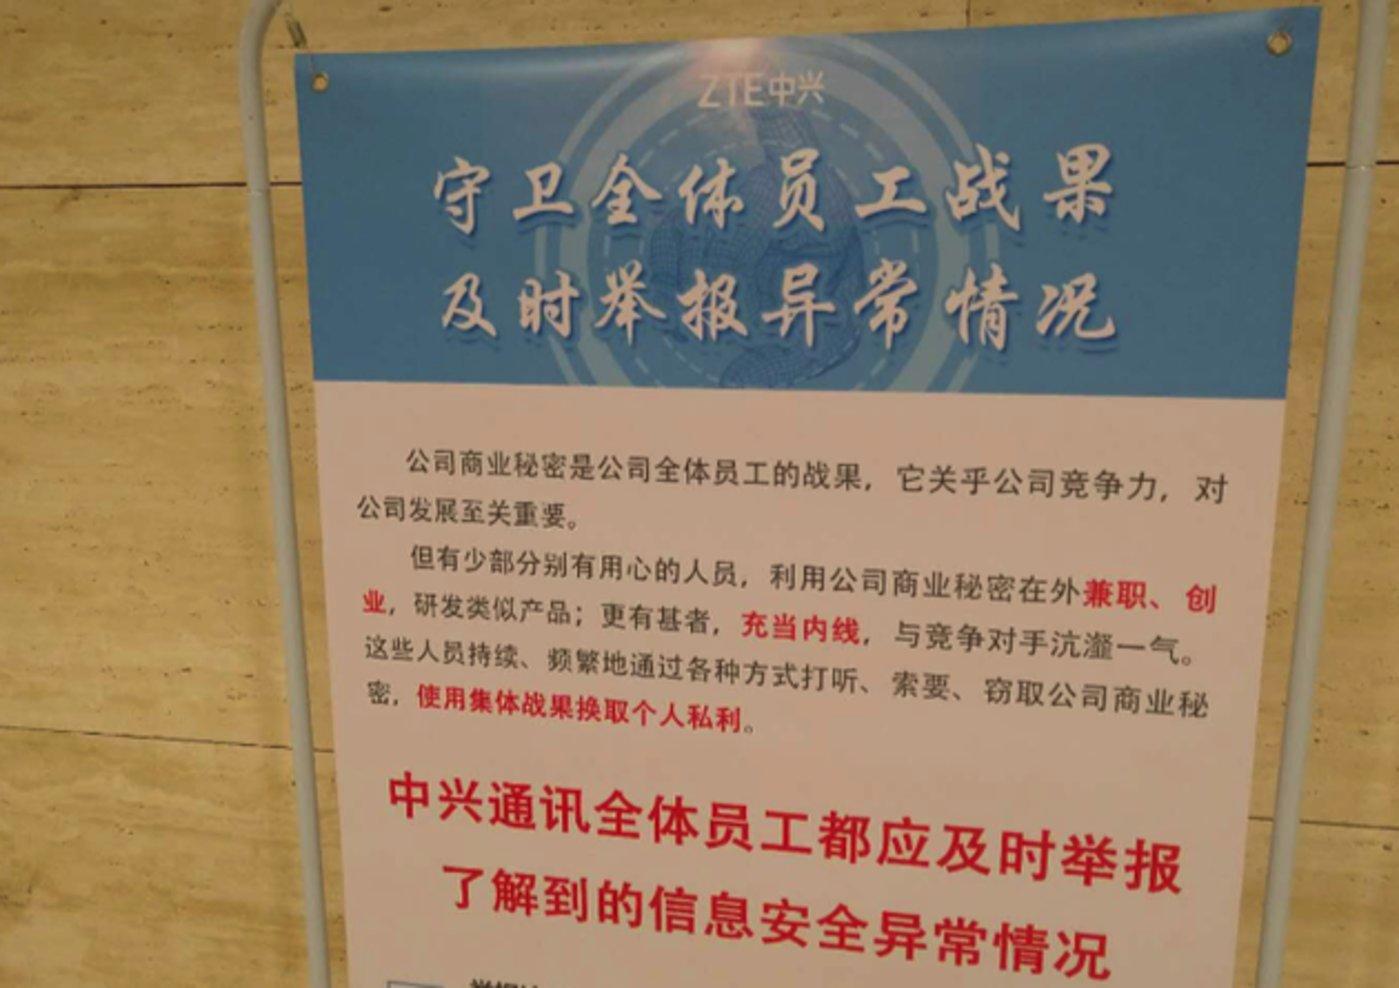 中兴北京研究所内部告示(新浪科技摄)中兴北京研究所内部告示(新浪科技摄)